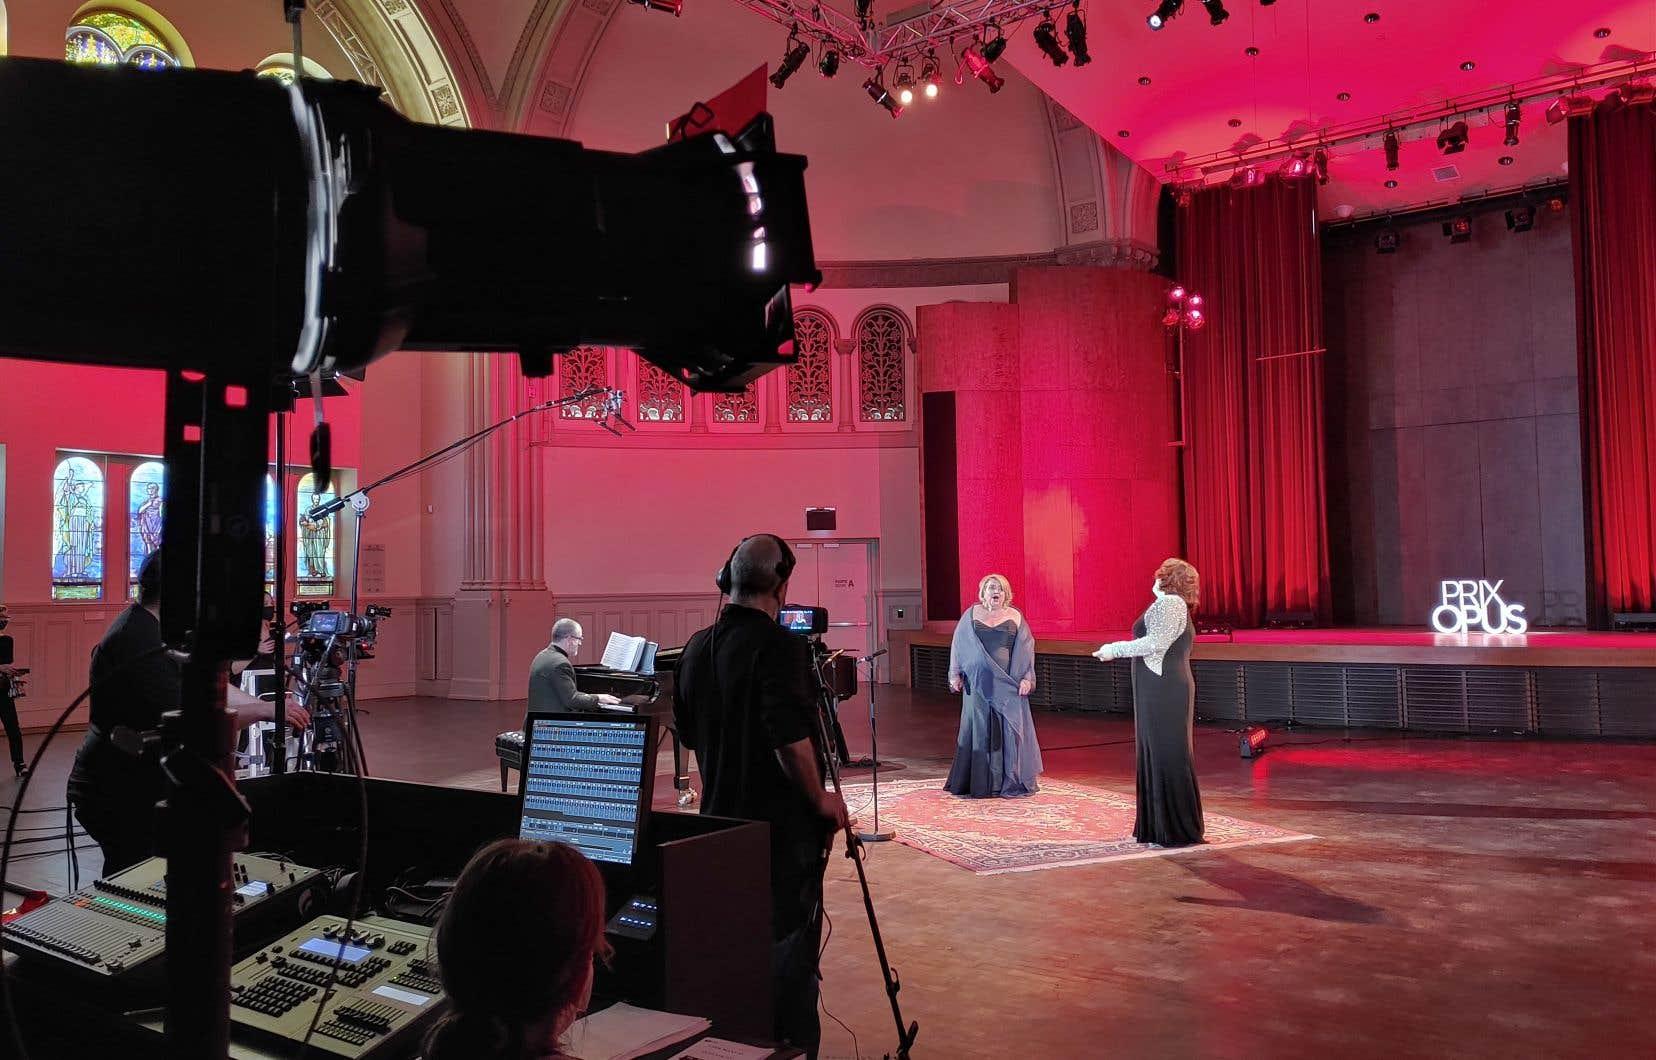 L'émouvante prestation de Karina Gauvin  et de Marie- Nicole Lemieux,  accompagnées d'Olivier Godin au piano,  a marqué  la cérémonie.